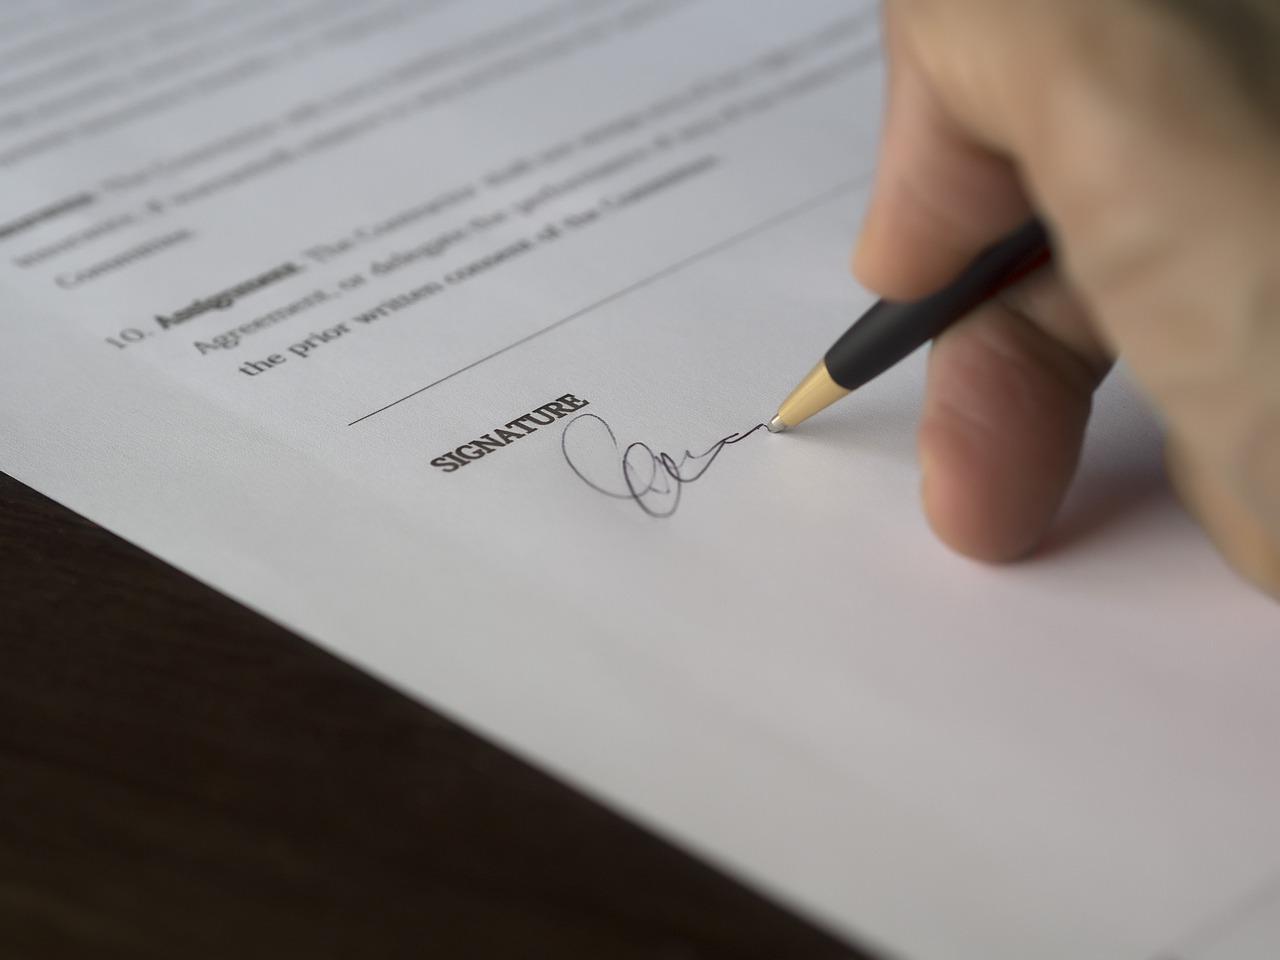 Утвержден порядок и сроки предоставления медицинских документов